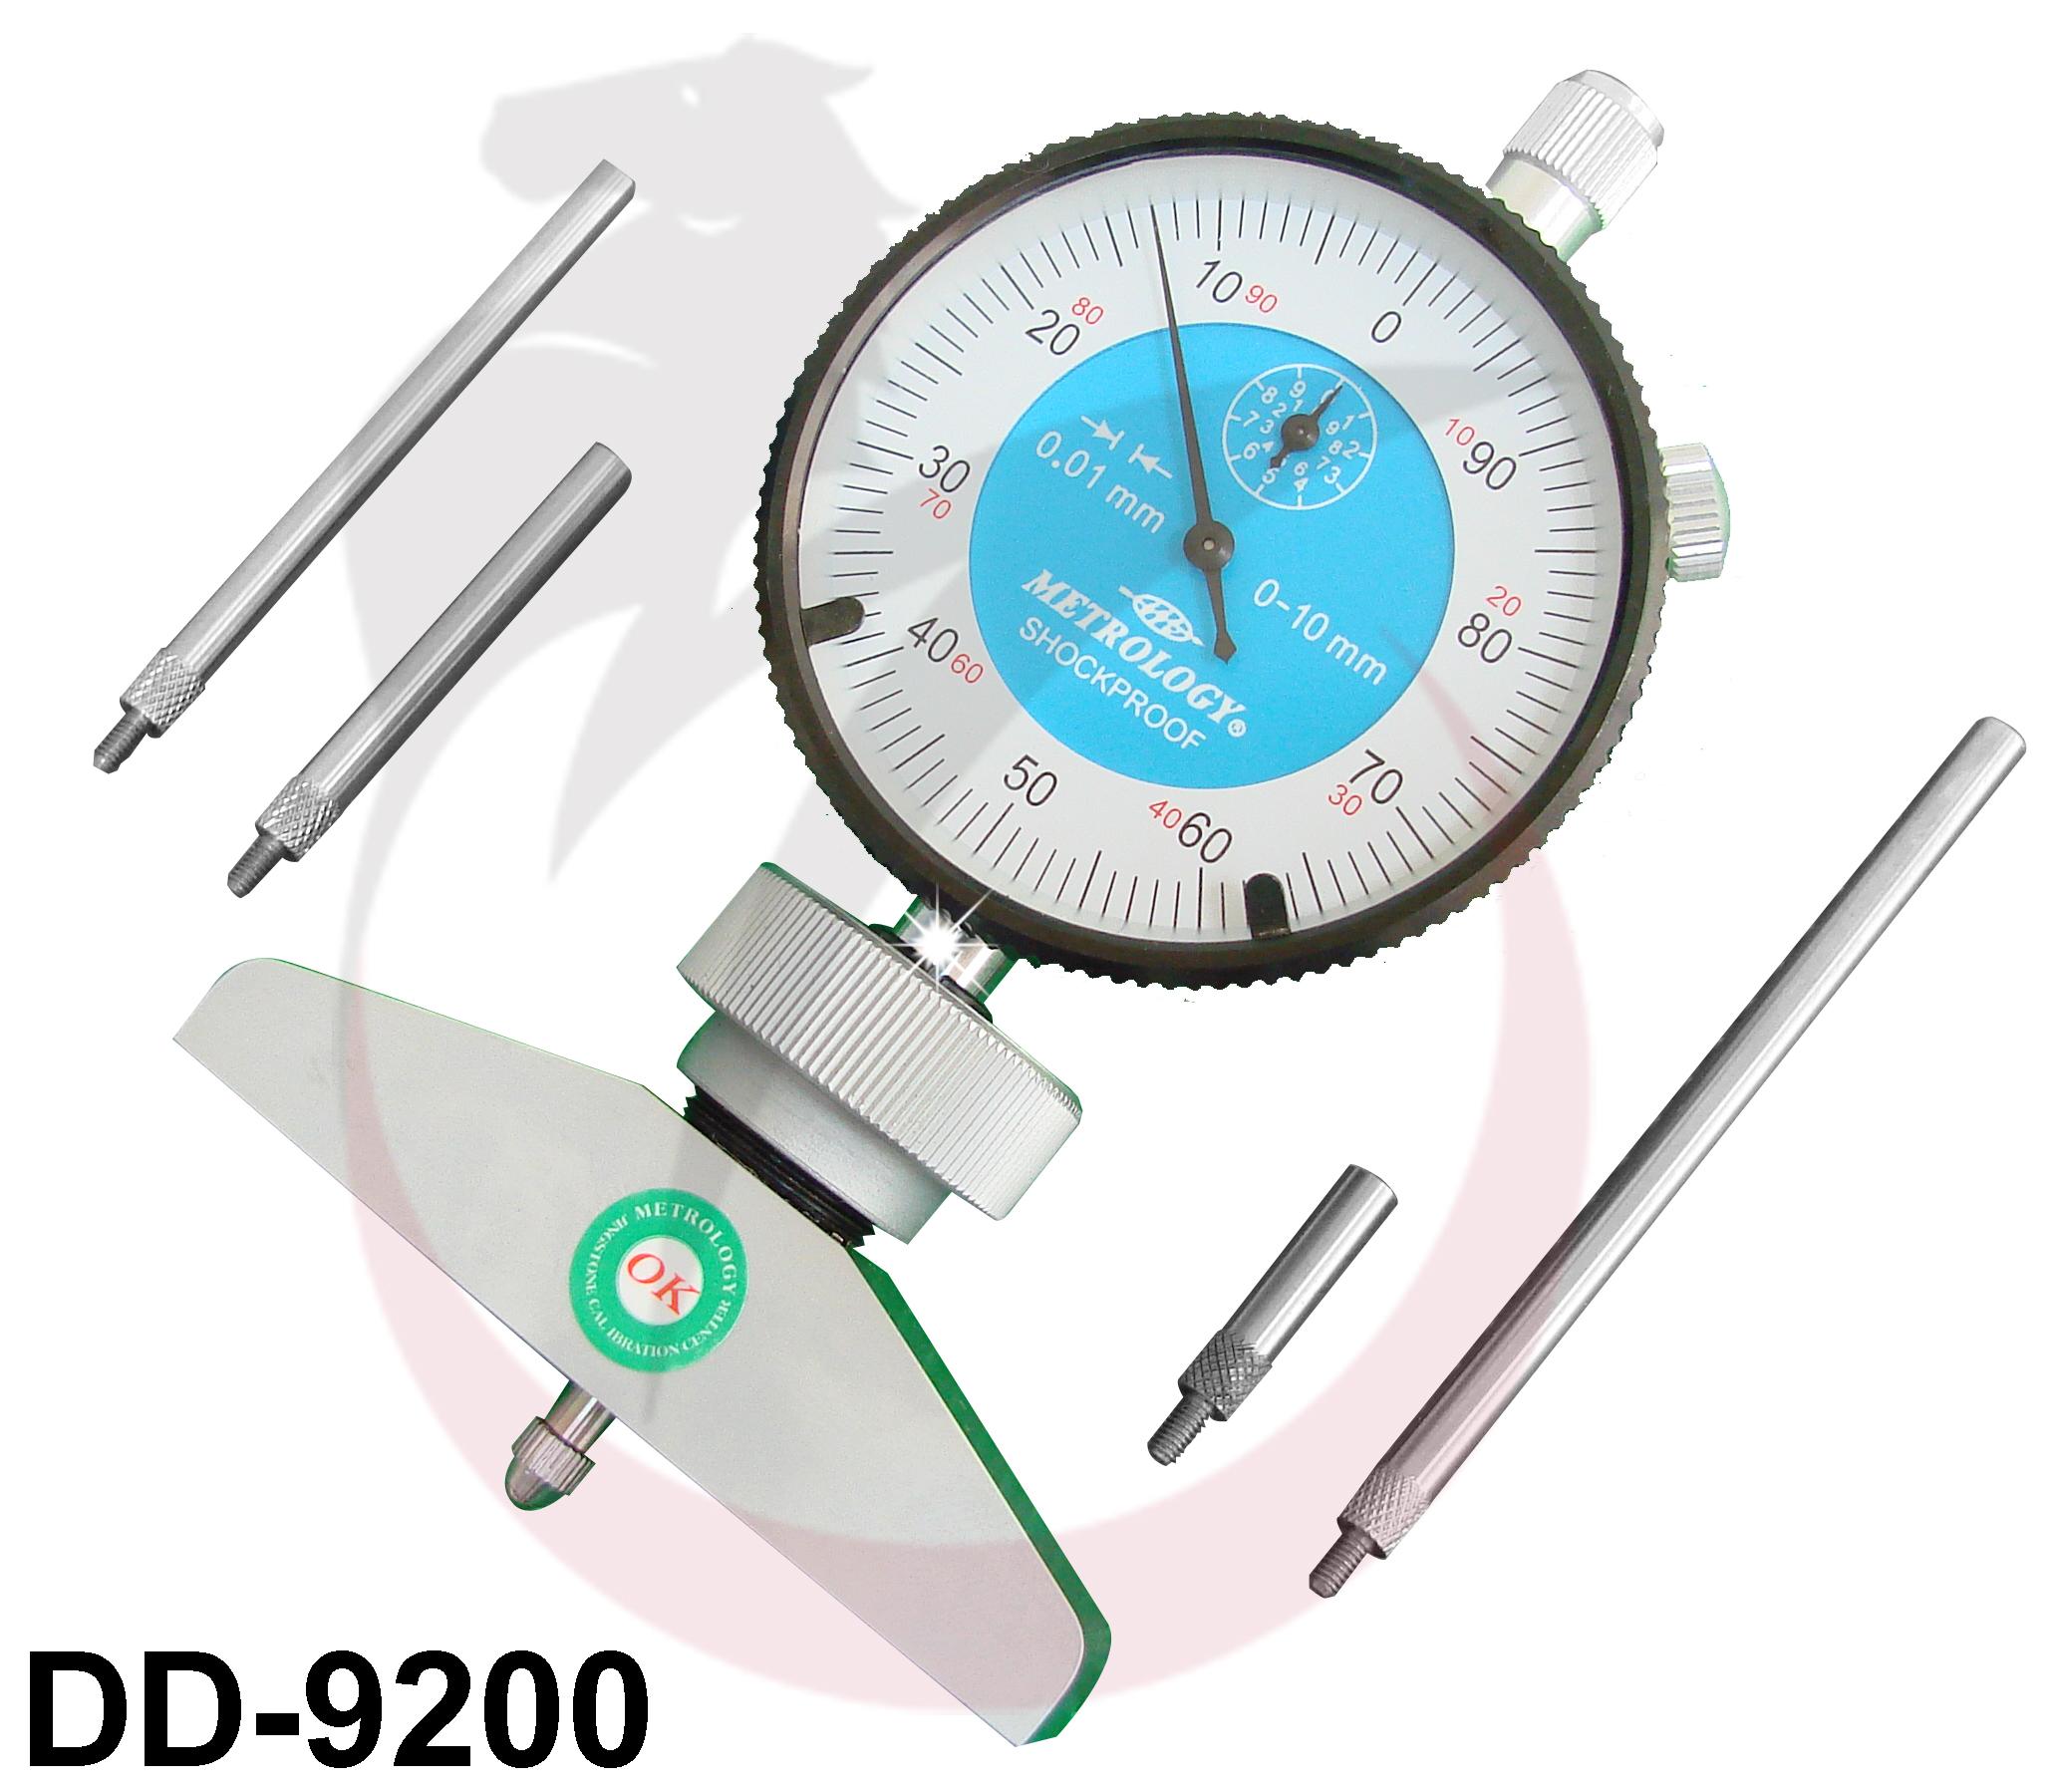 Đồng hồ đo sâu 0-200mm DD-9200 Metrology